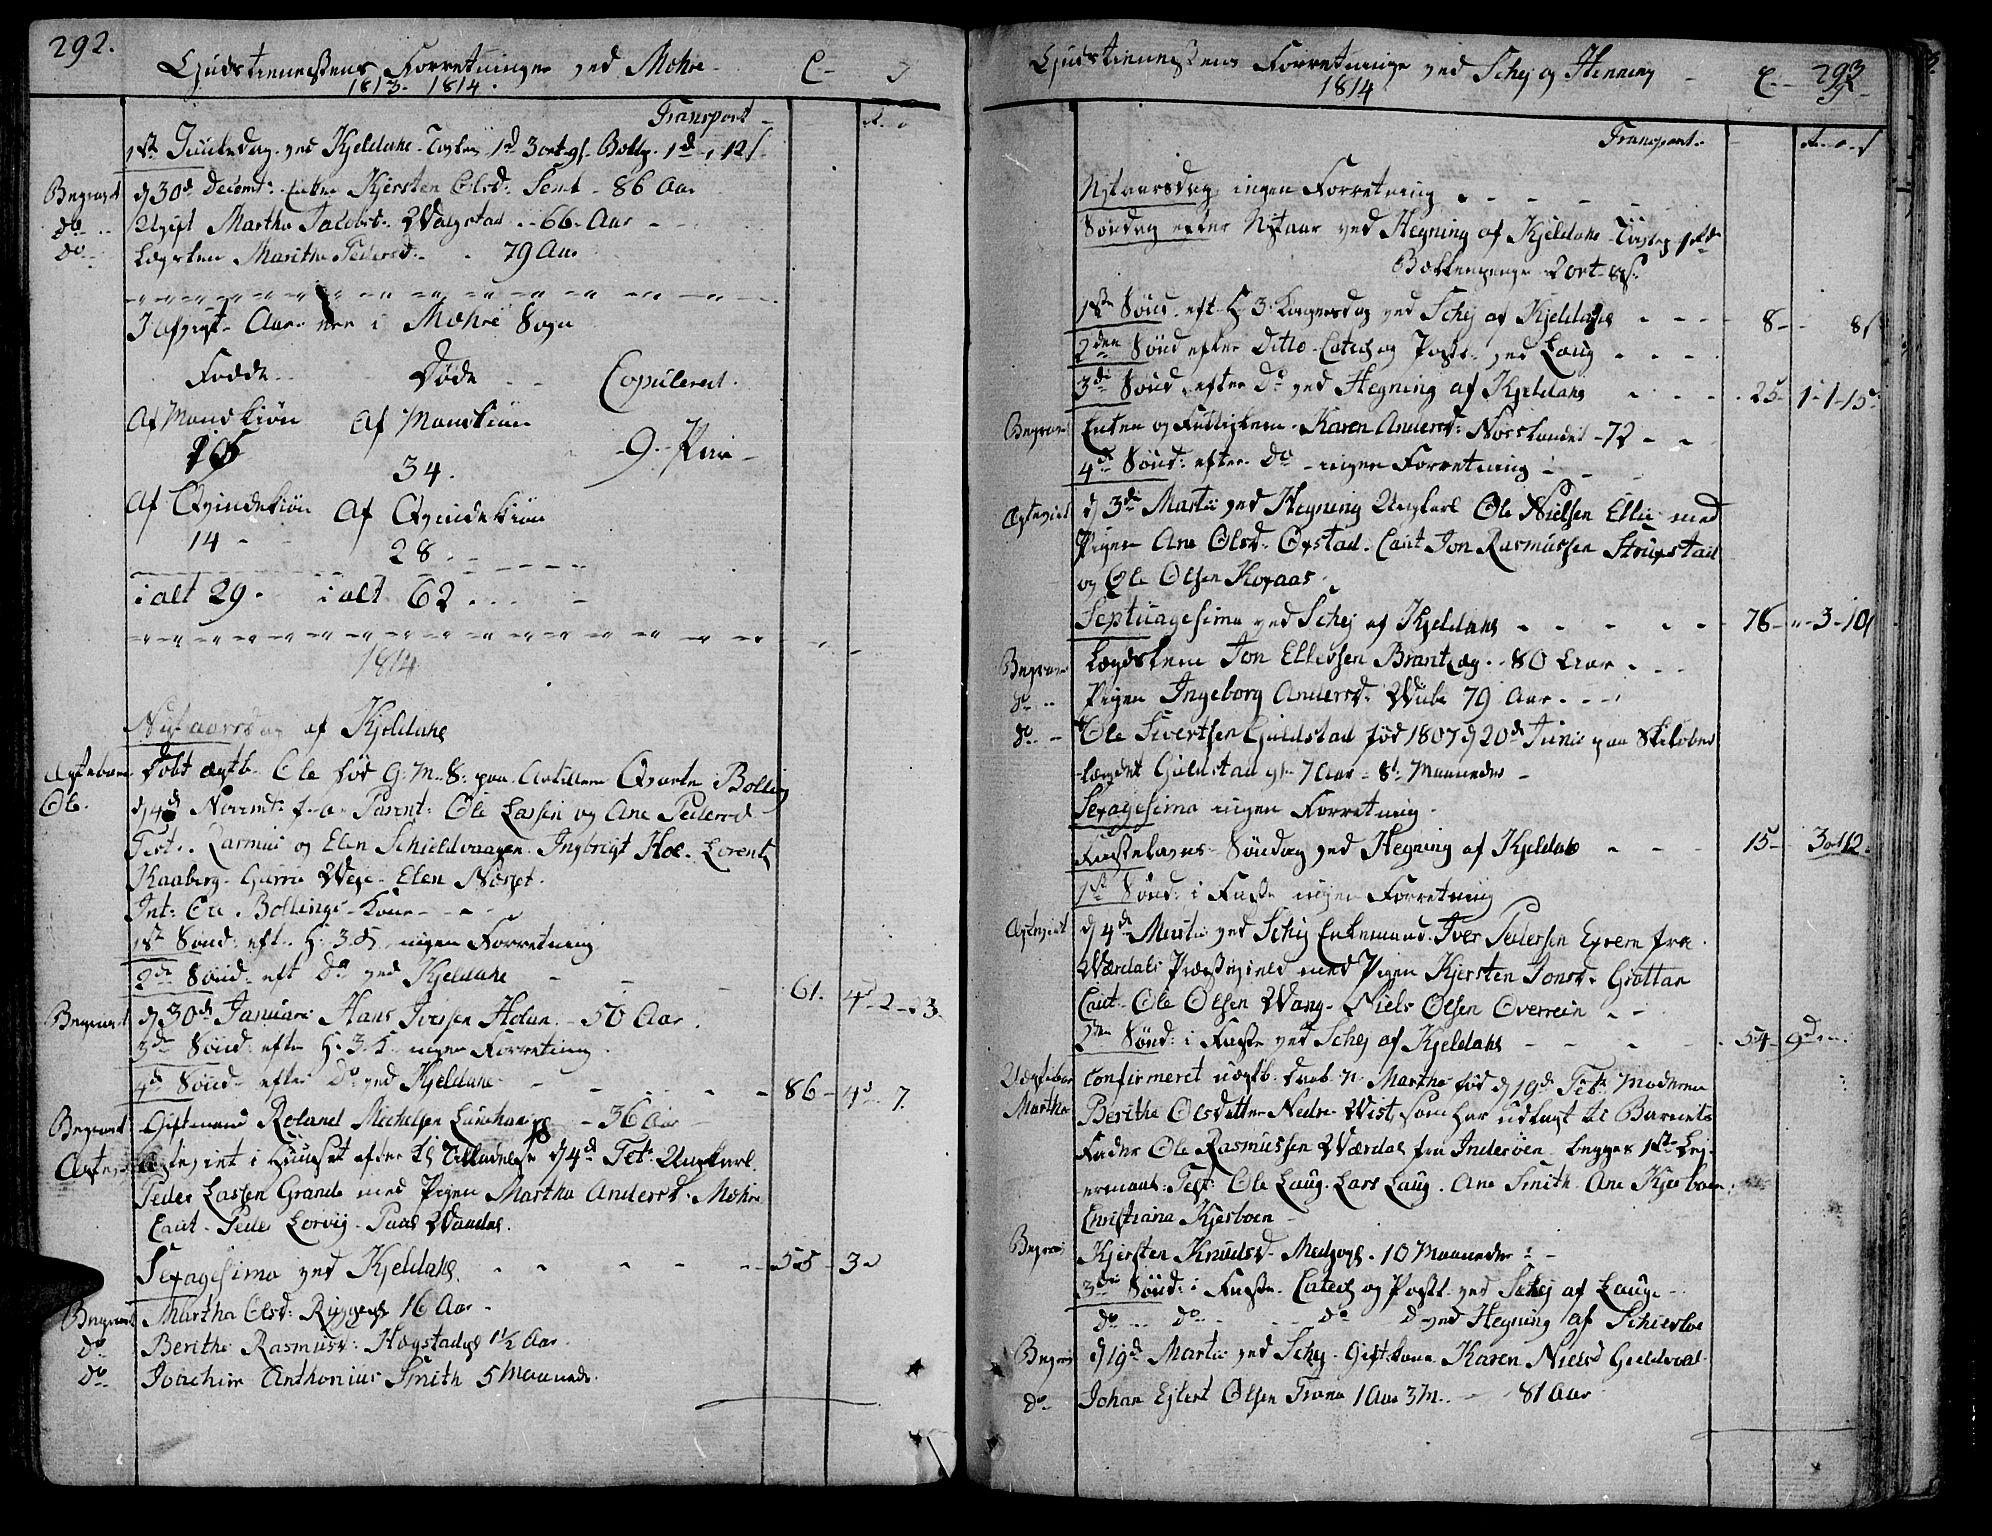 SAT, Ministerialprotokoller, klokkerbøker og fødselsregistre - Nord-Trøndelag, 735/L0332: Ministerialbok nr. 735A03, 1795-1816, s. 292-293